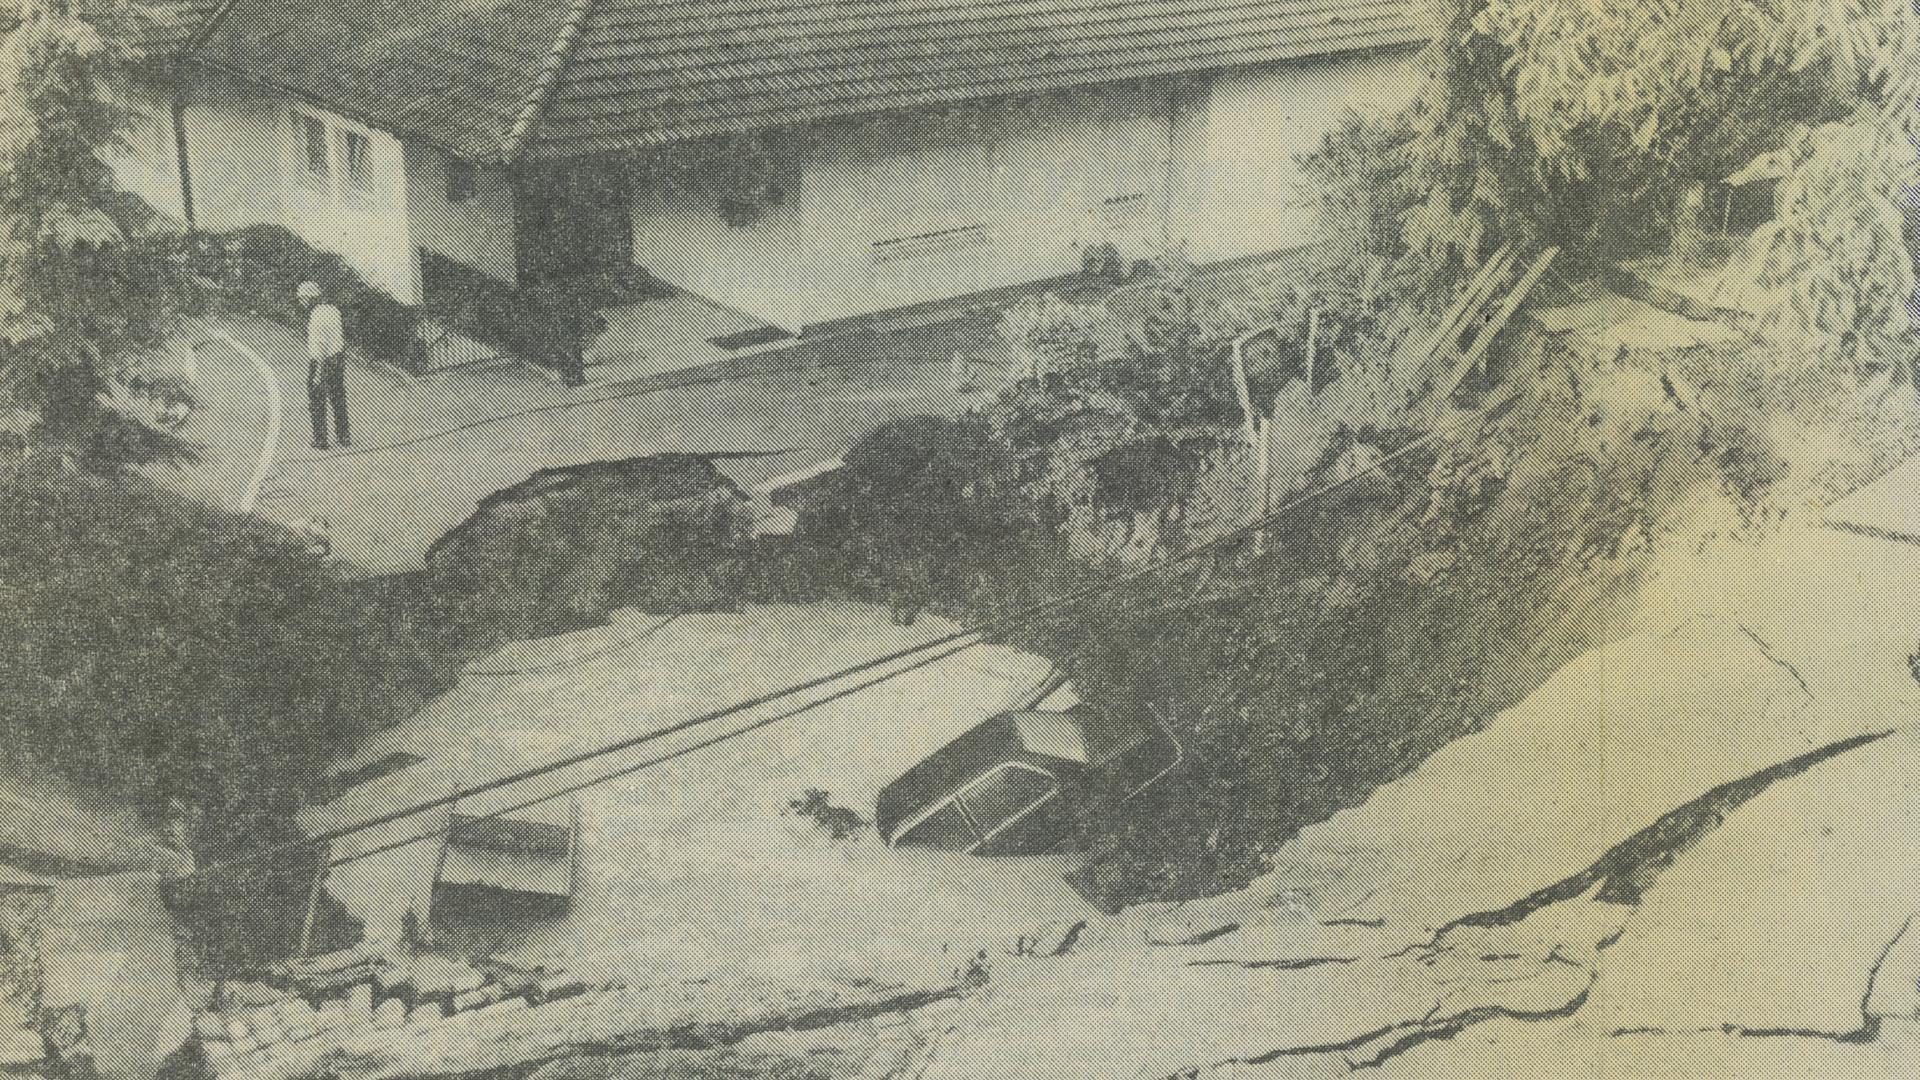 Bergeinbruch beim Michaelstunnel: In der Nacht auf den 30. Juni 1987 verschwindet die Winterhalterstraße plötzlich in der Erde und reißt ein Auto mit in die Tiefe.